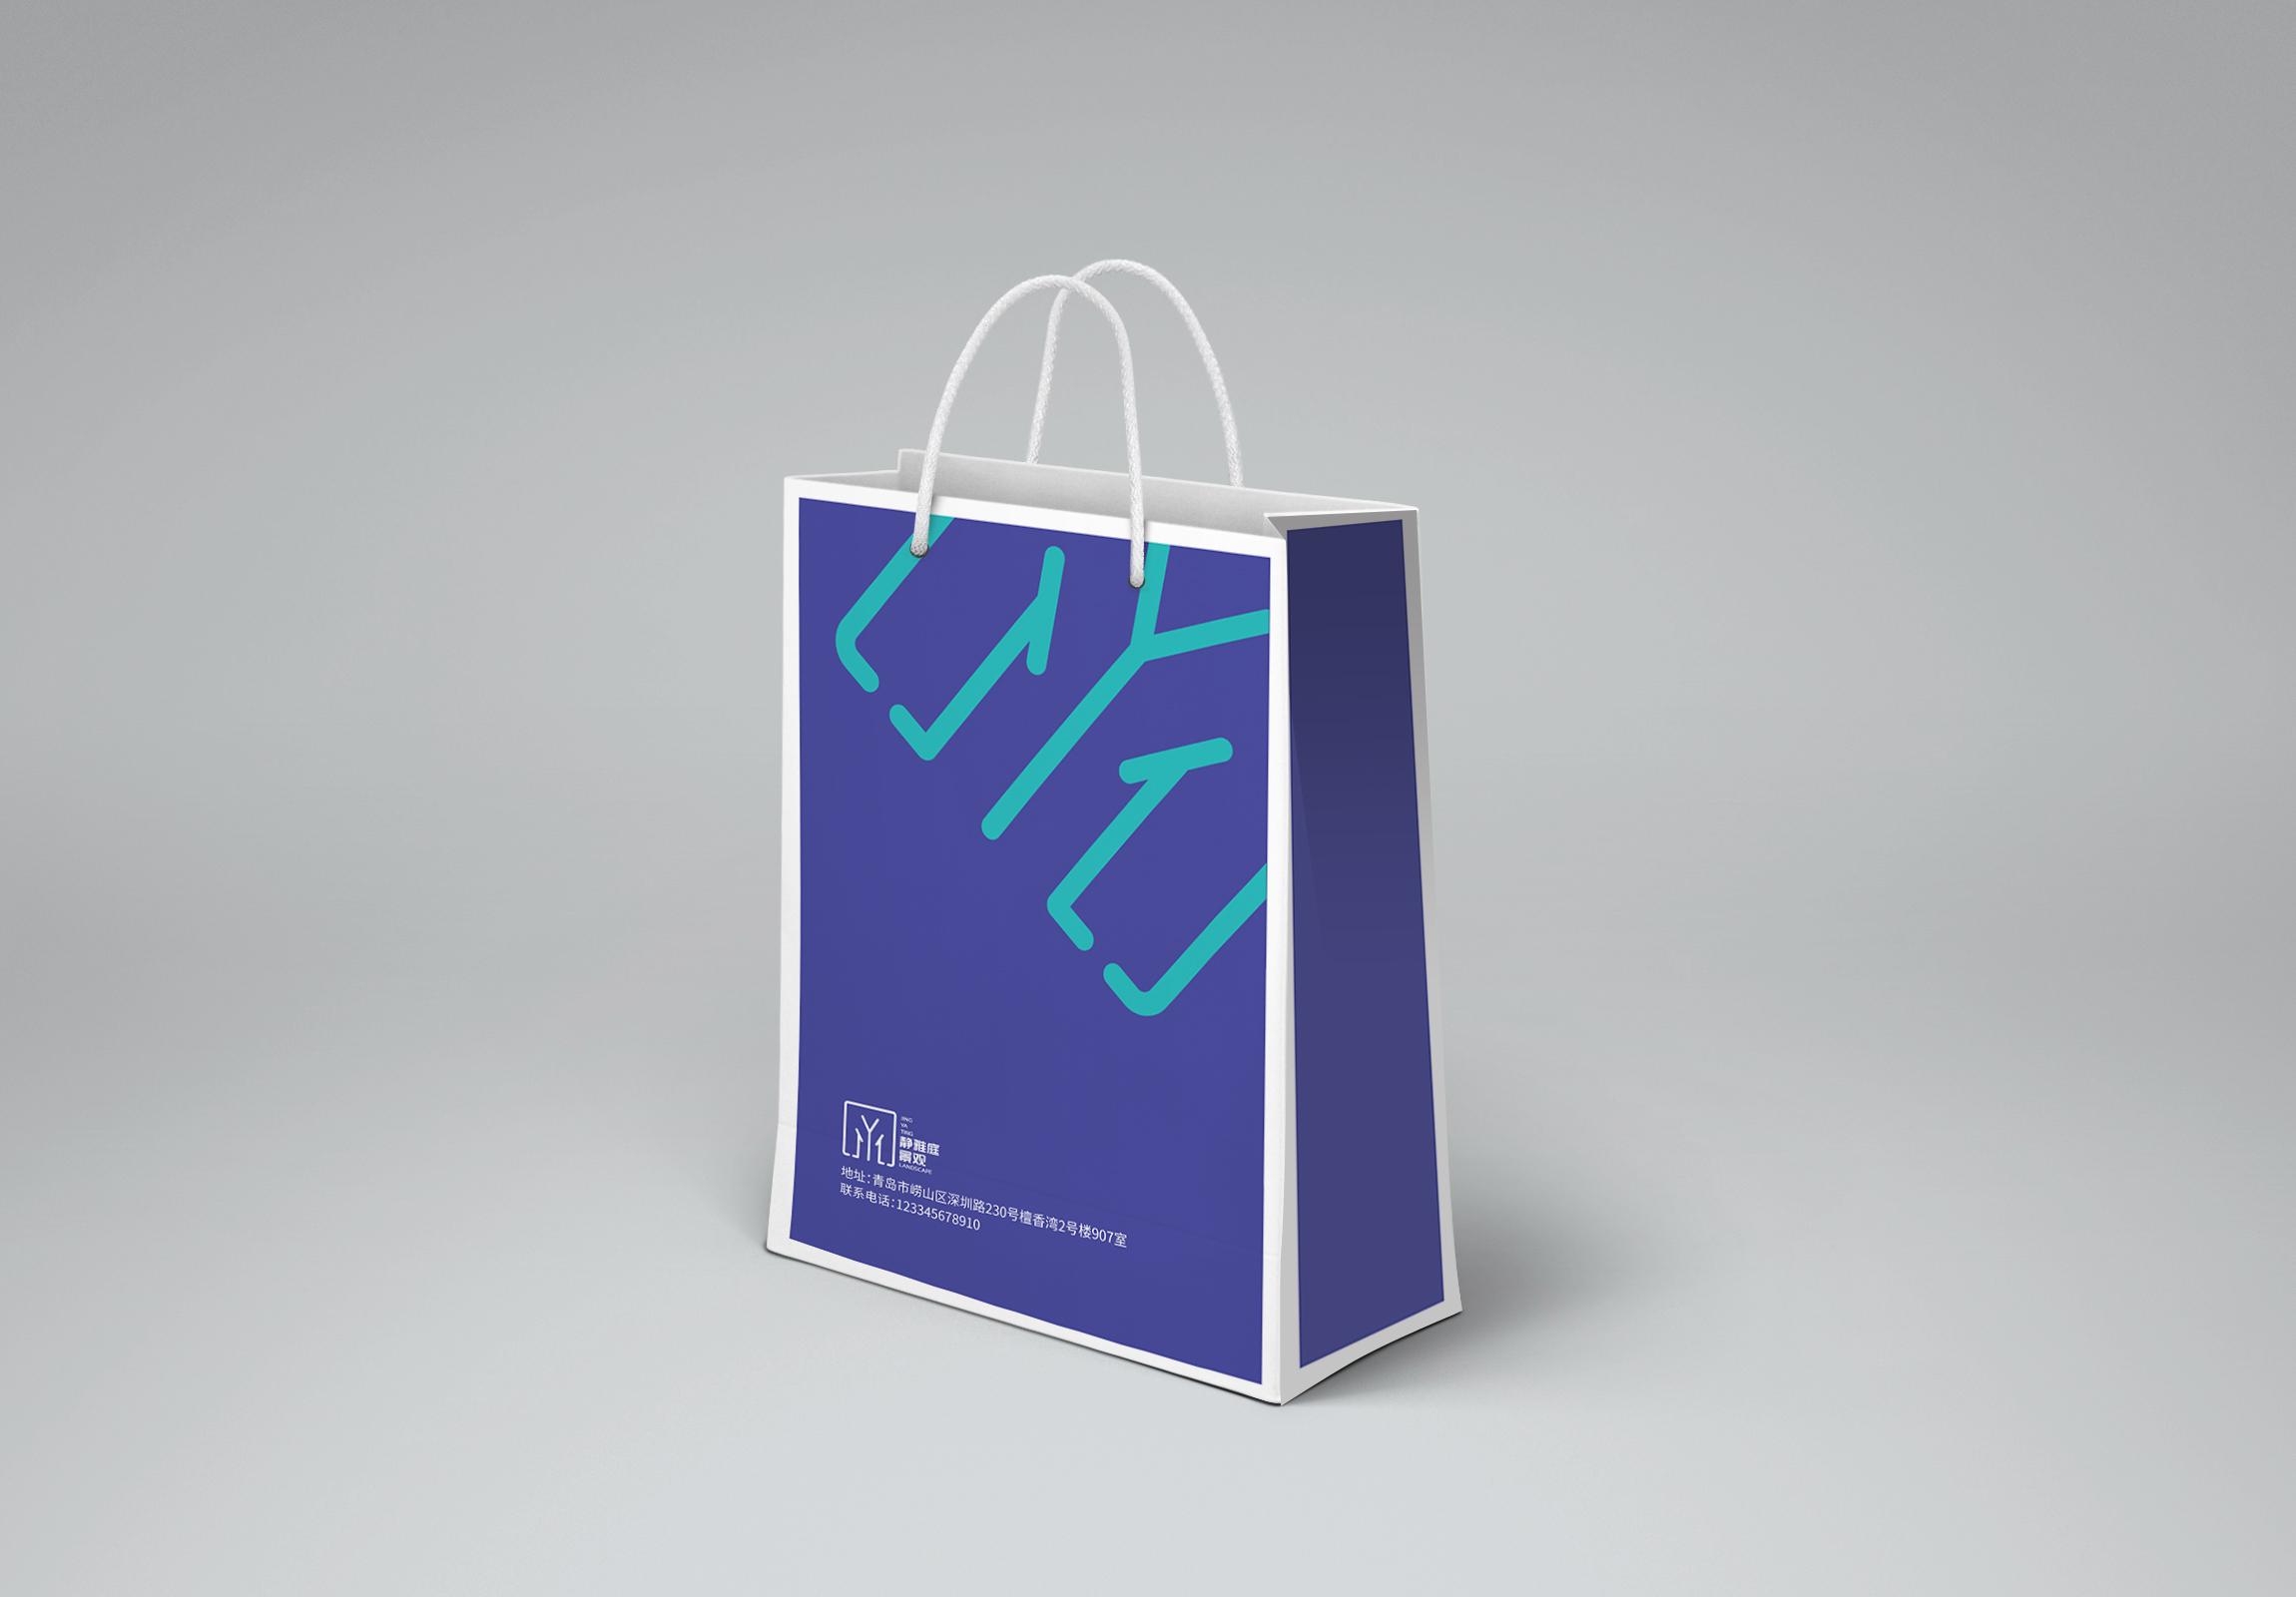 包装设计品牌包装礼盒包装袋手提袋设计创意瓶贴卡盒标签设计瓦楞